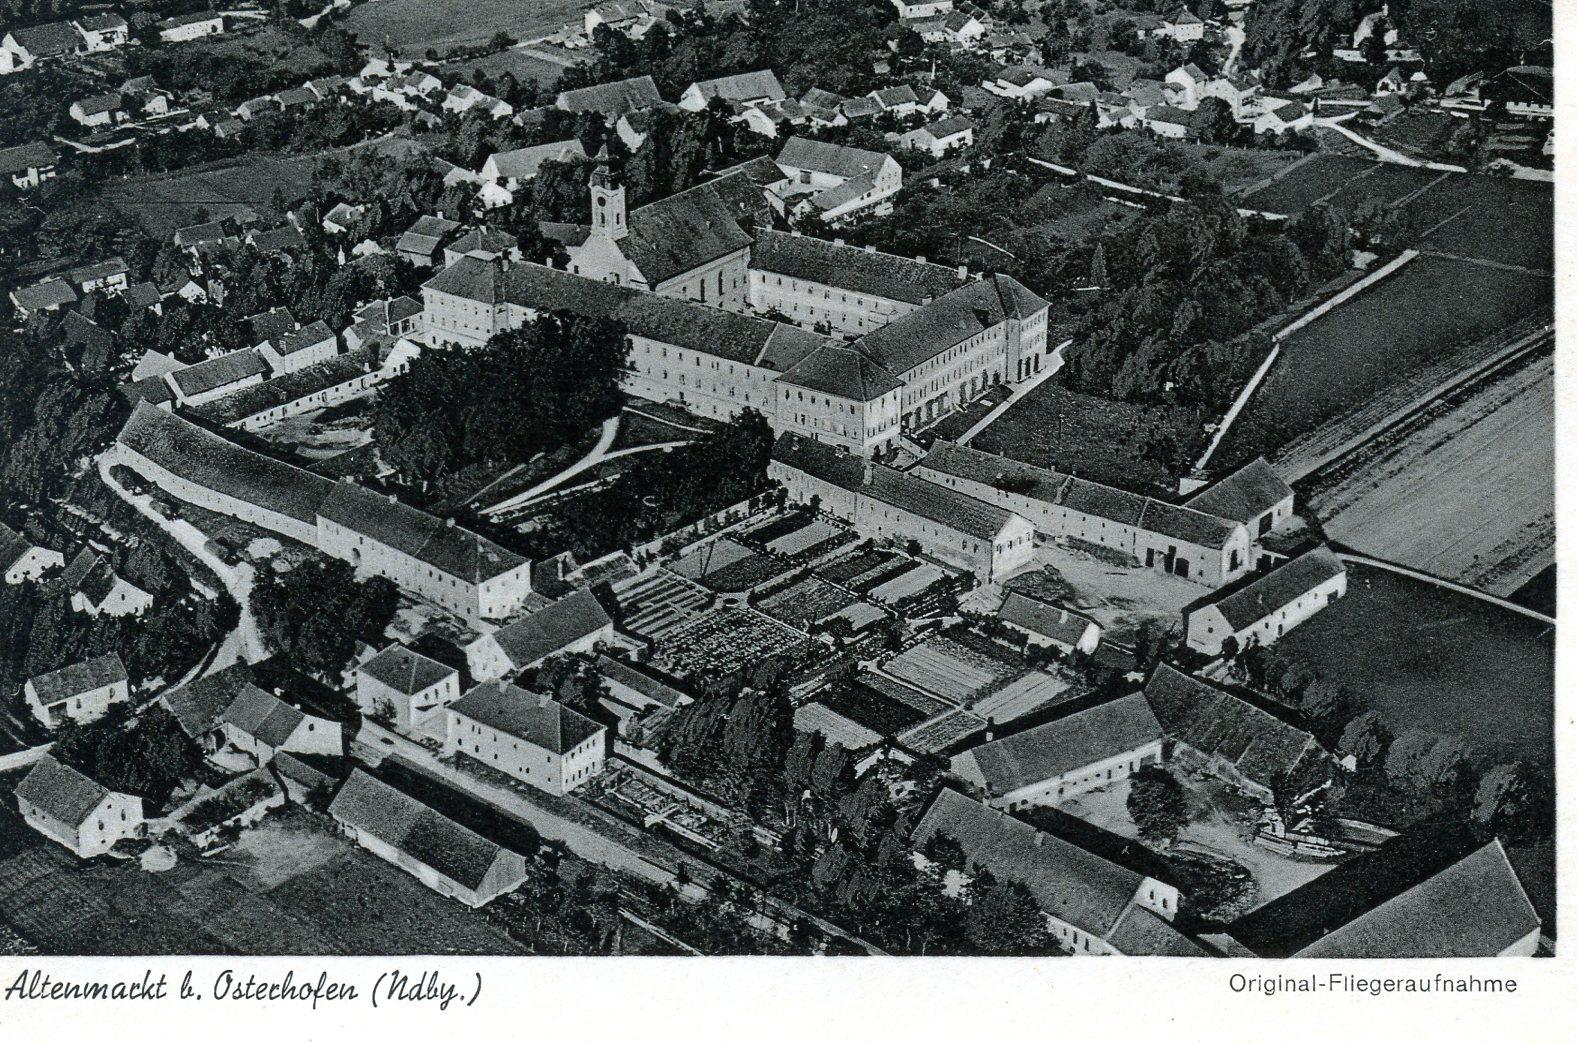 Postkarte aus dem Jahr 1942